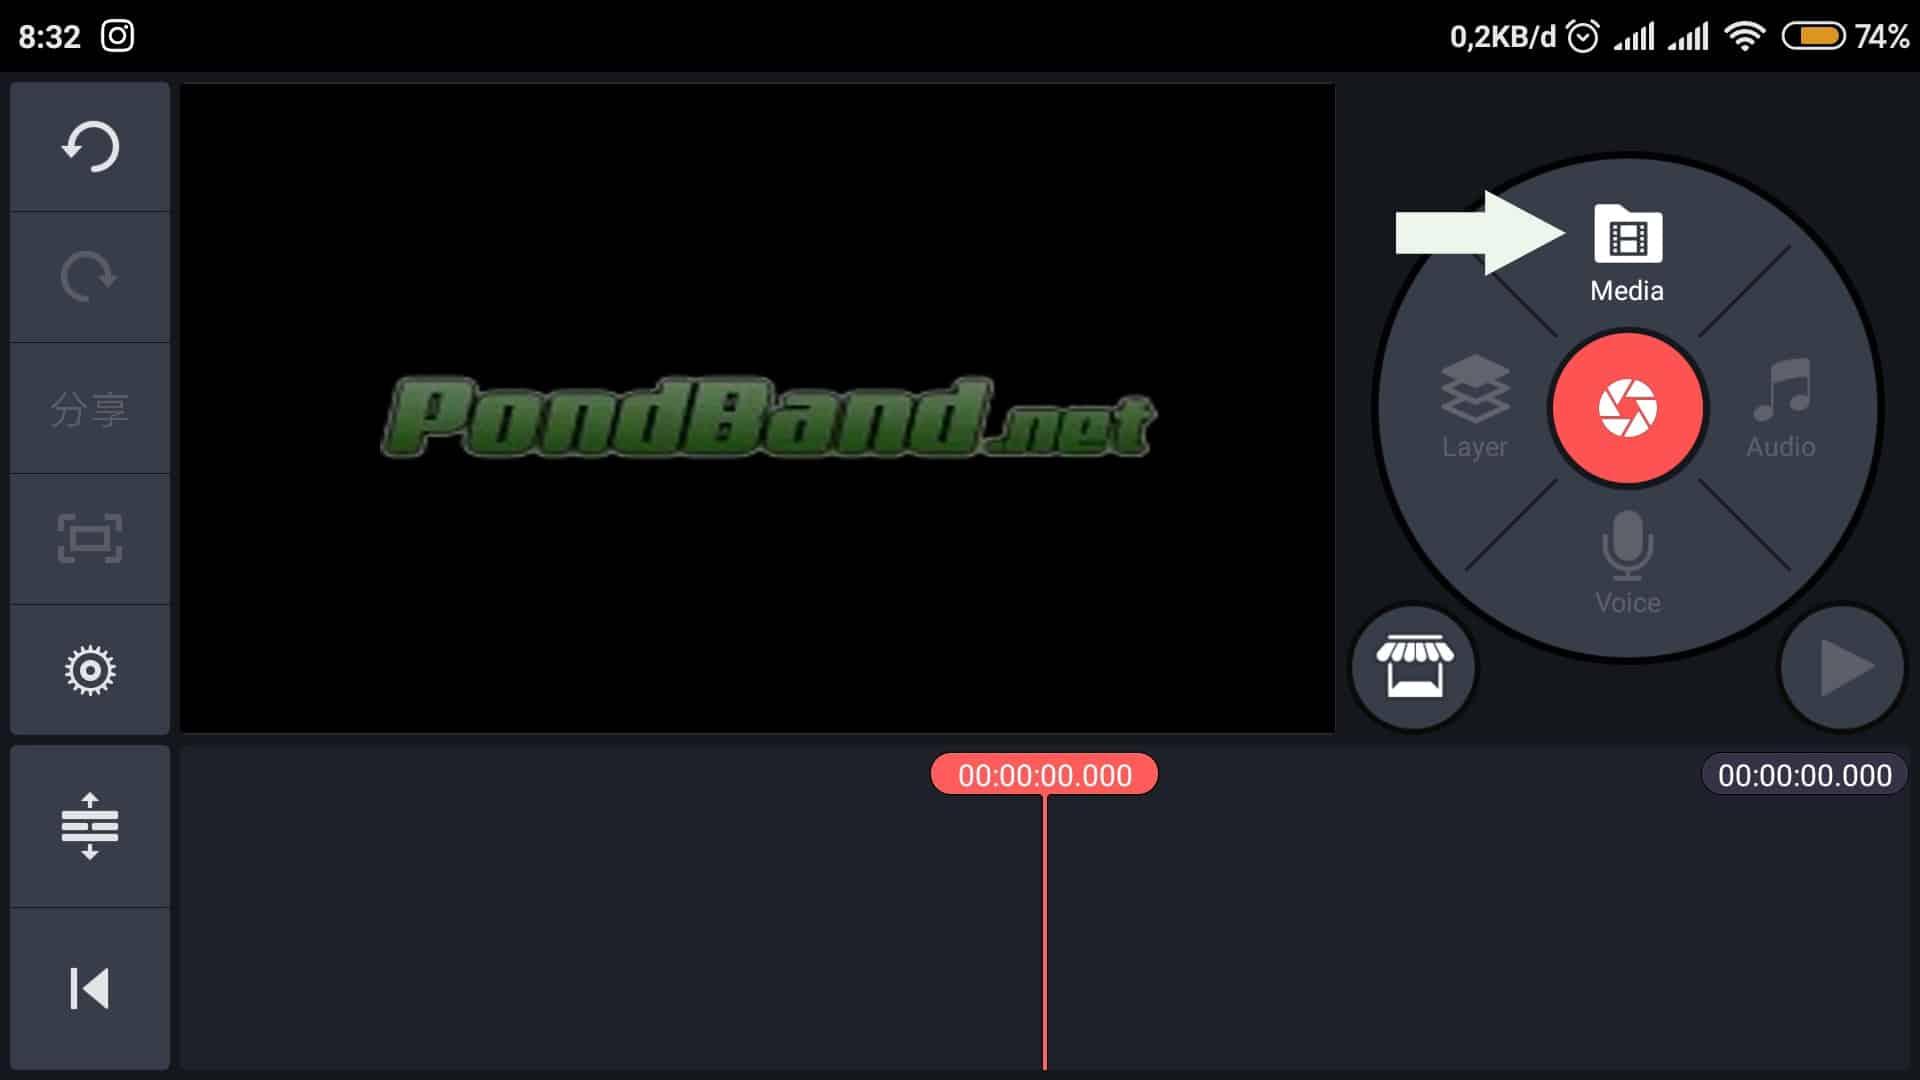 Kinemaster Pro Full Unlocked